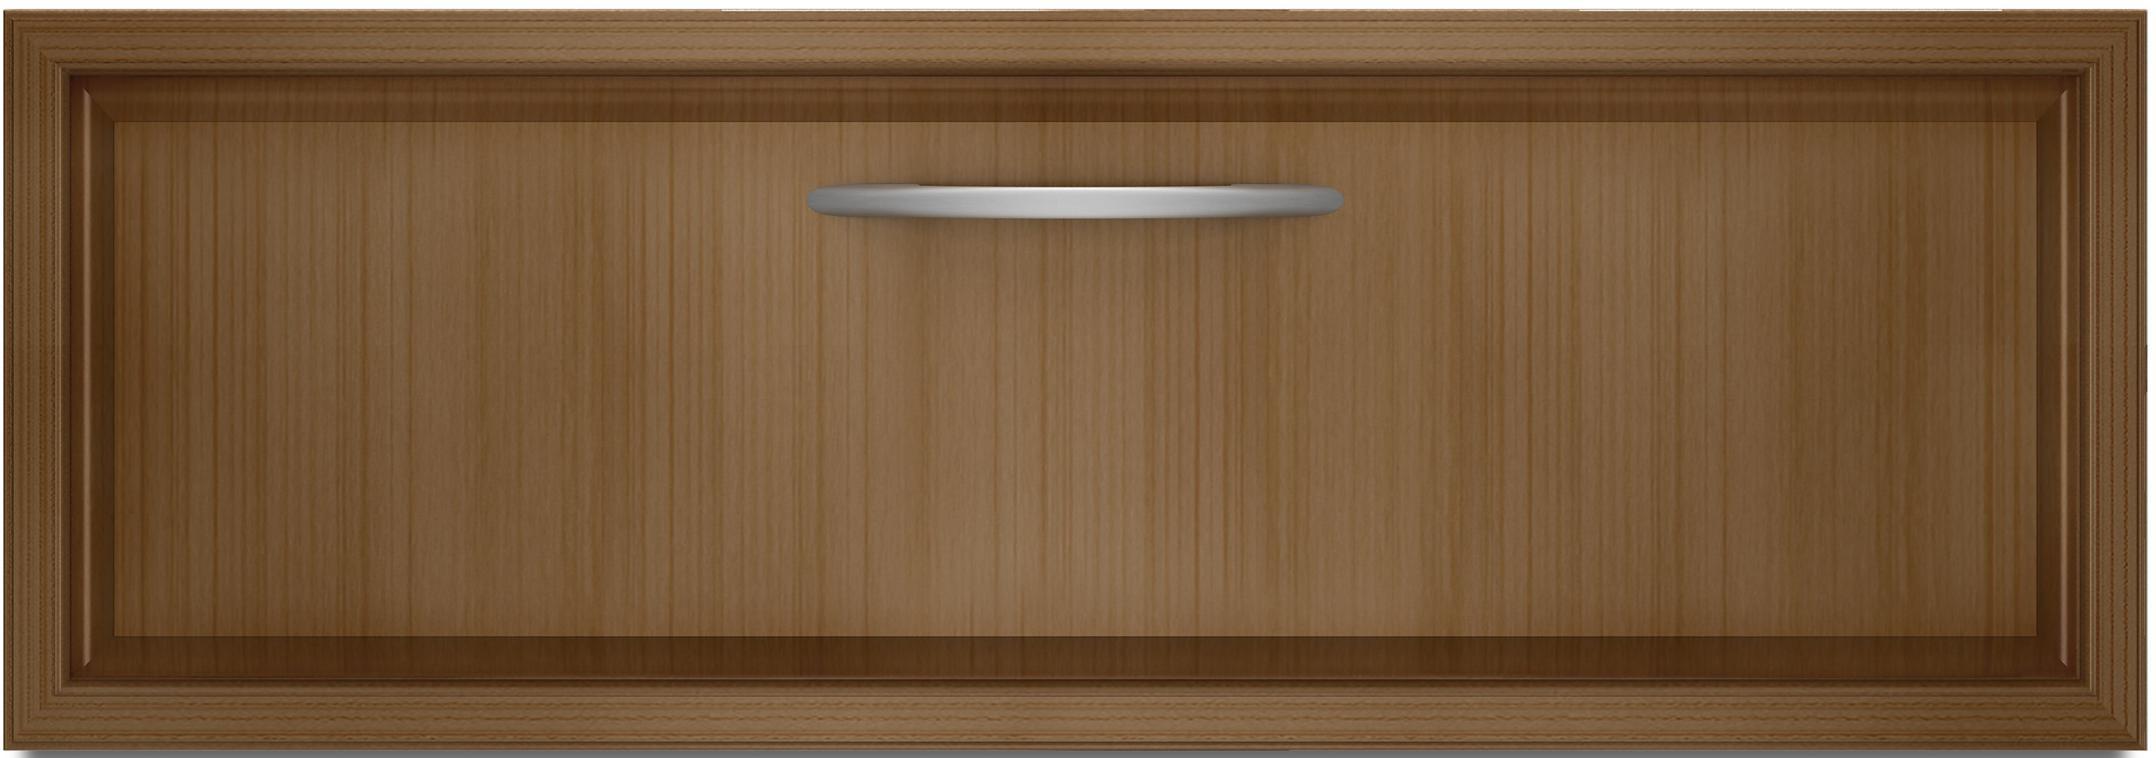 """KitchenAid Warming Drawer 27"""" Electric Warming Drawer  - Item Number: KEWS175BPA"""